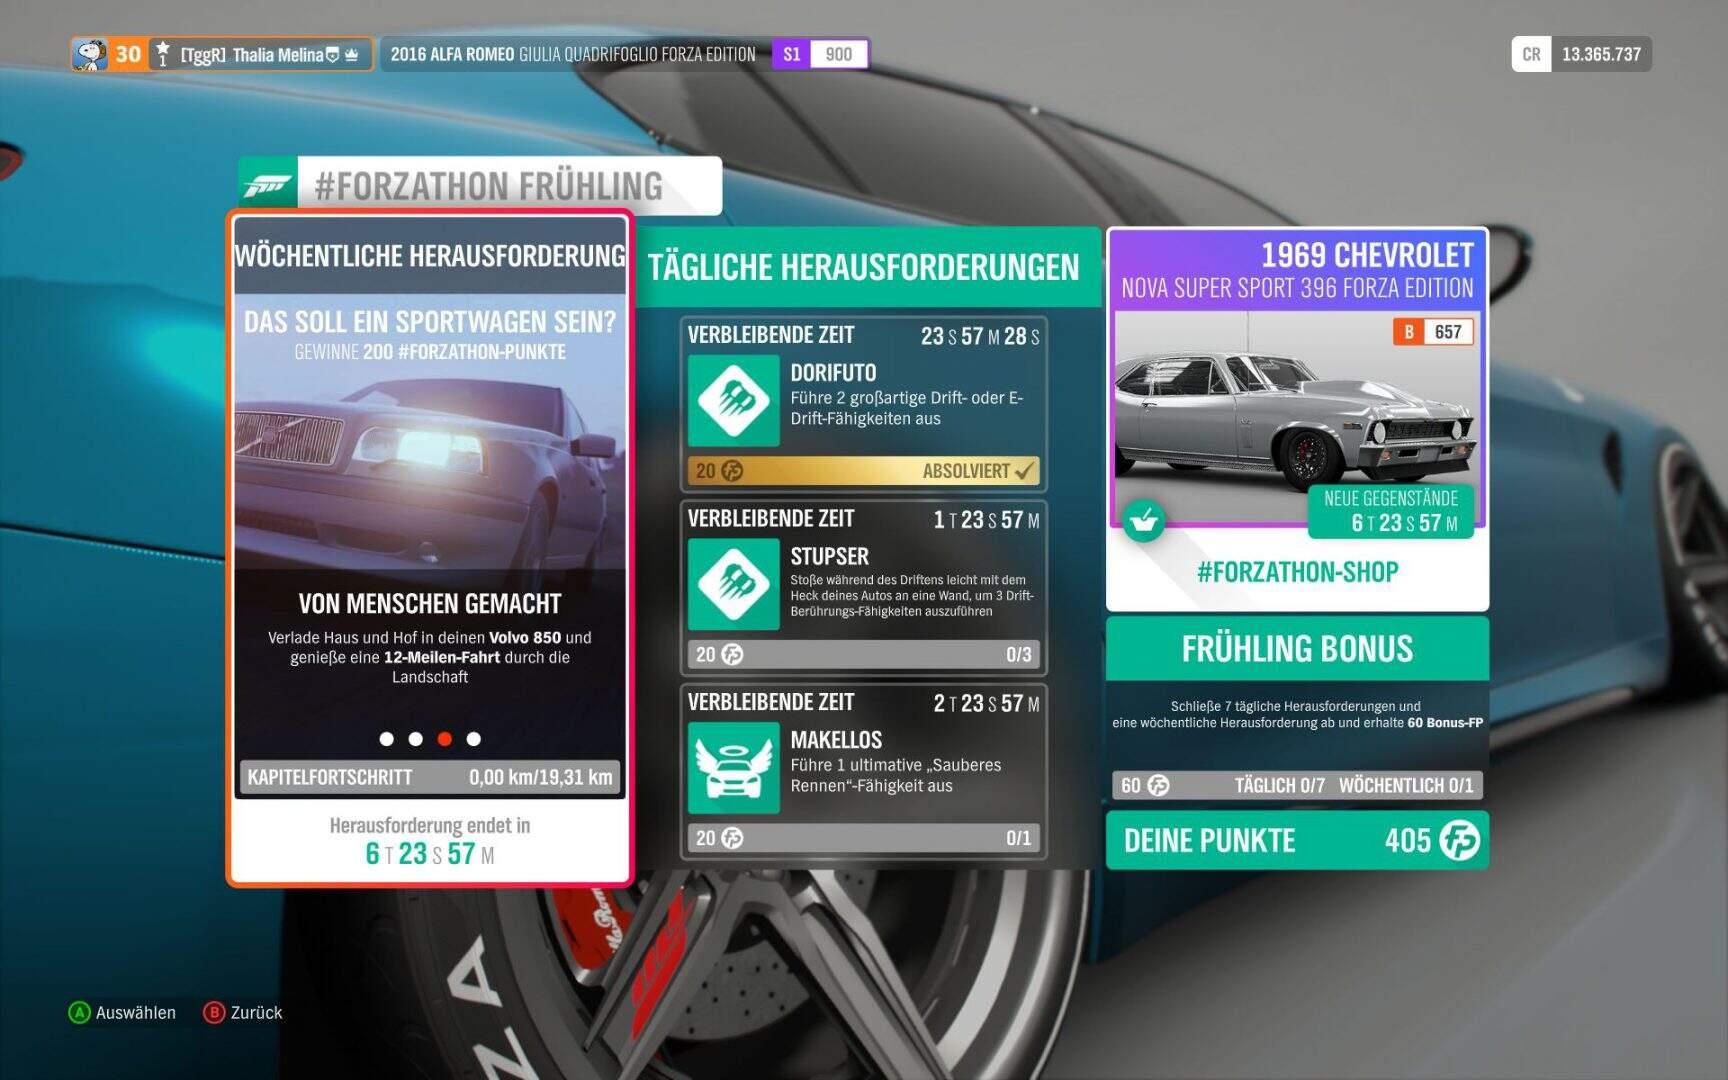 Forza Horizon 4 Forzathon KW 02 / 2019 Aufgabe 3